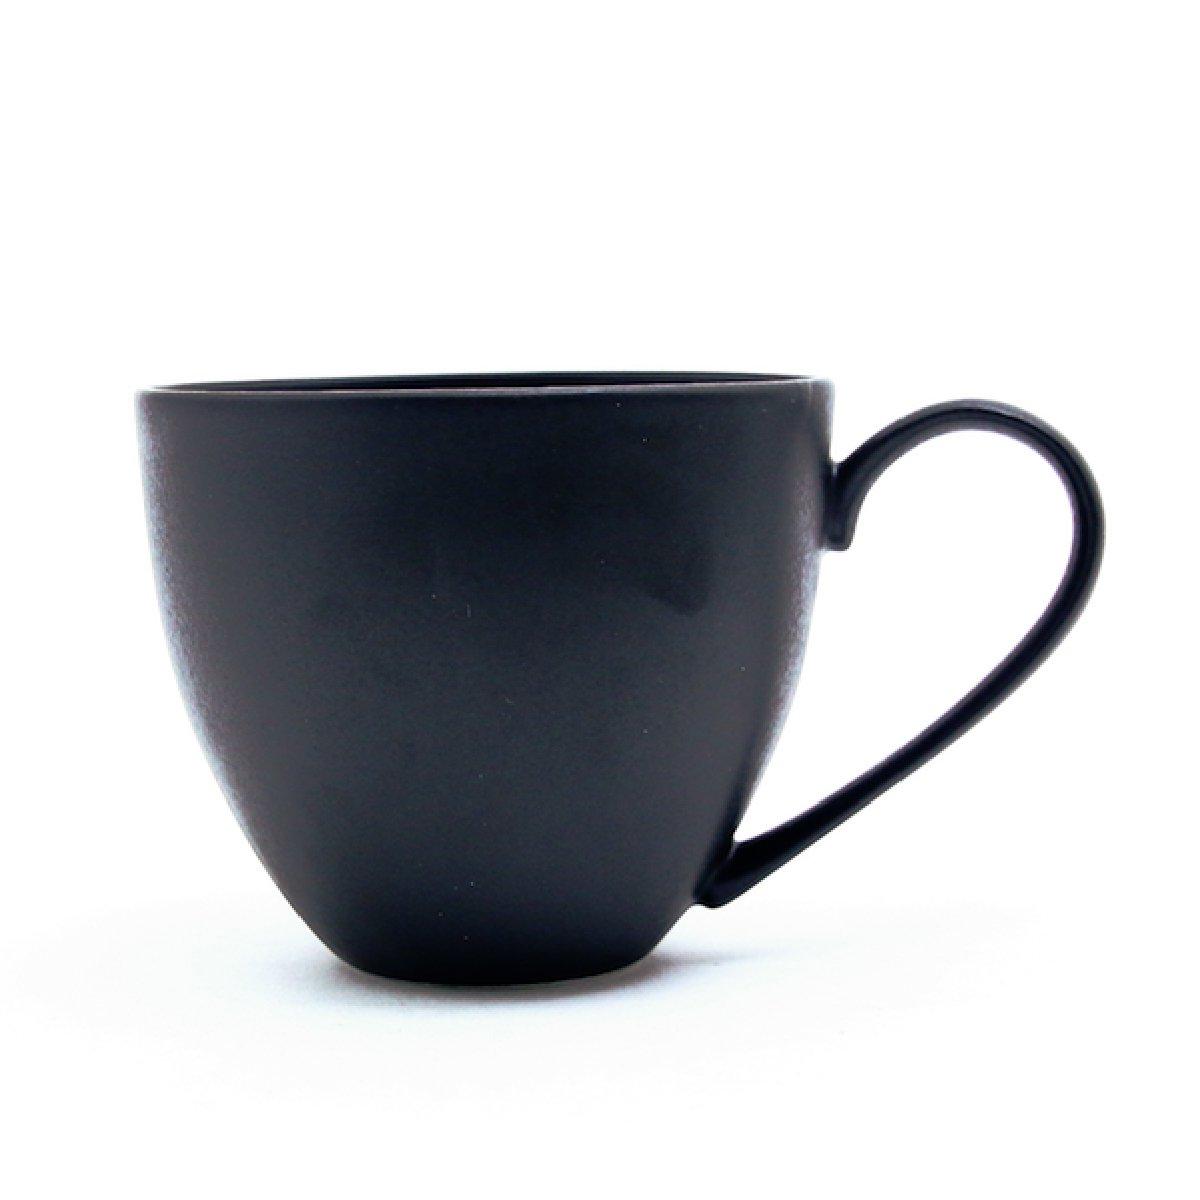 マグカップ M ブラックスター 詳細画像1